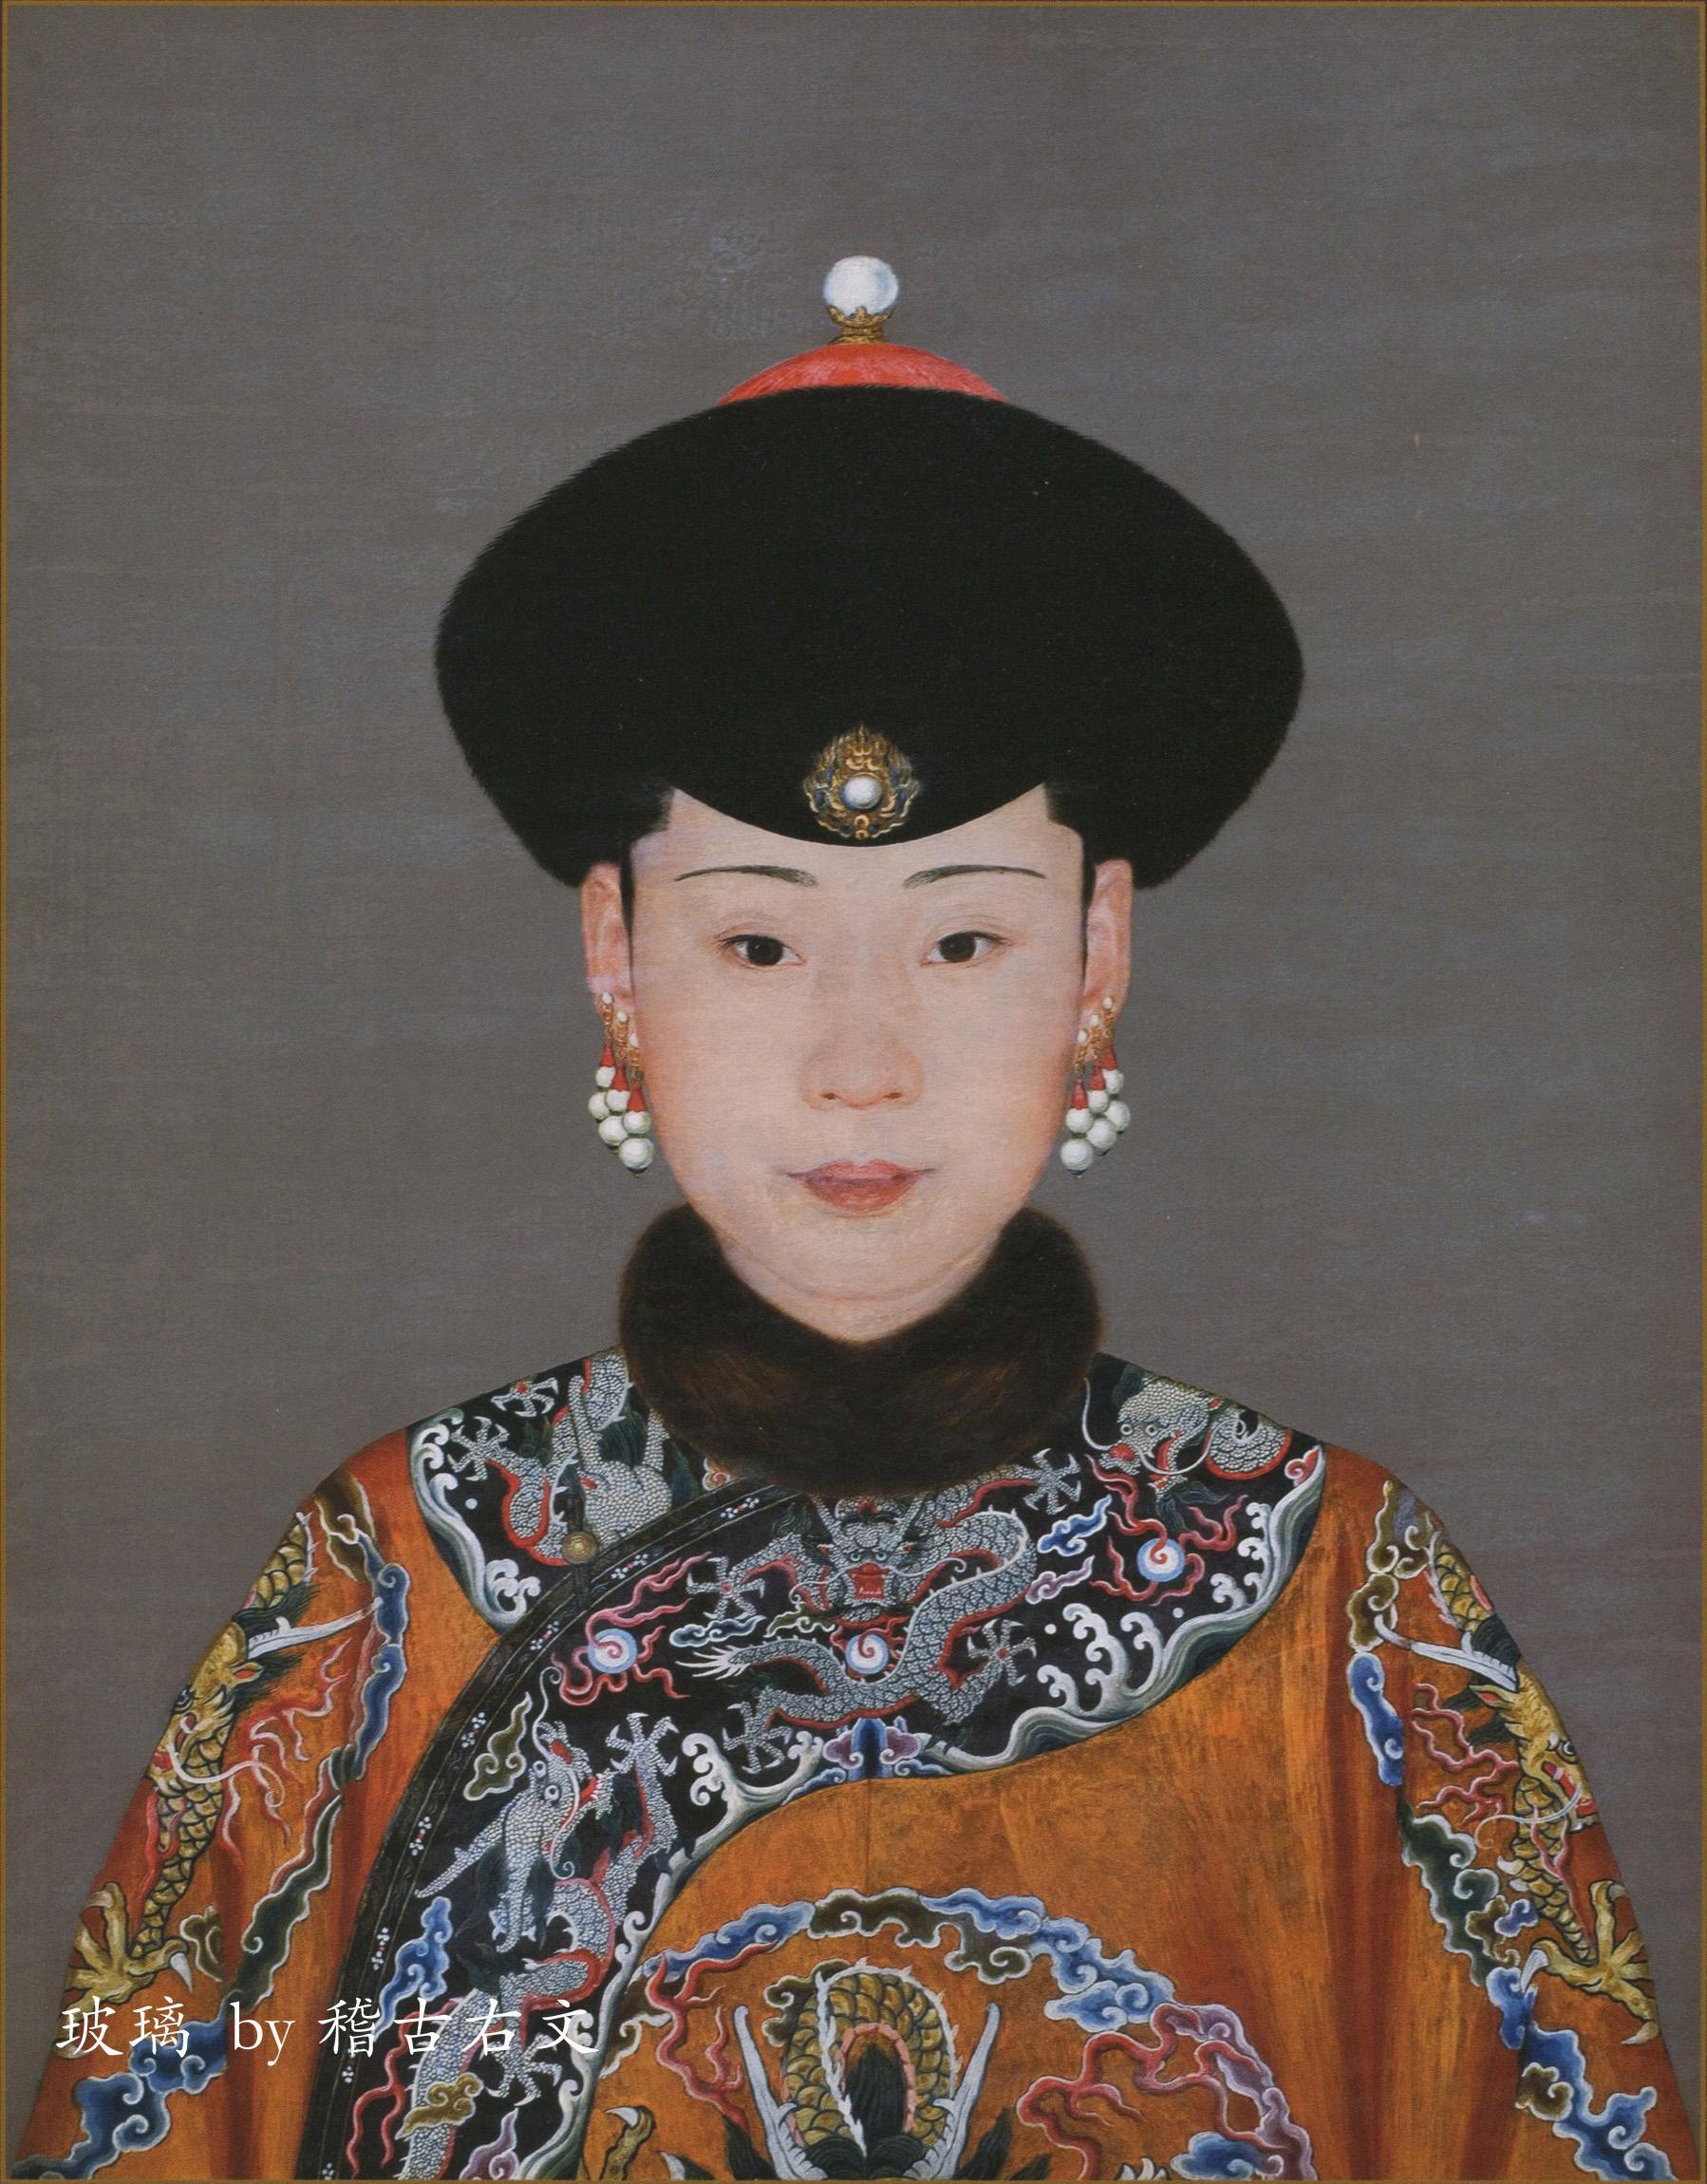 皇后的女人gl下载_孝昭仁皇后图片下载